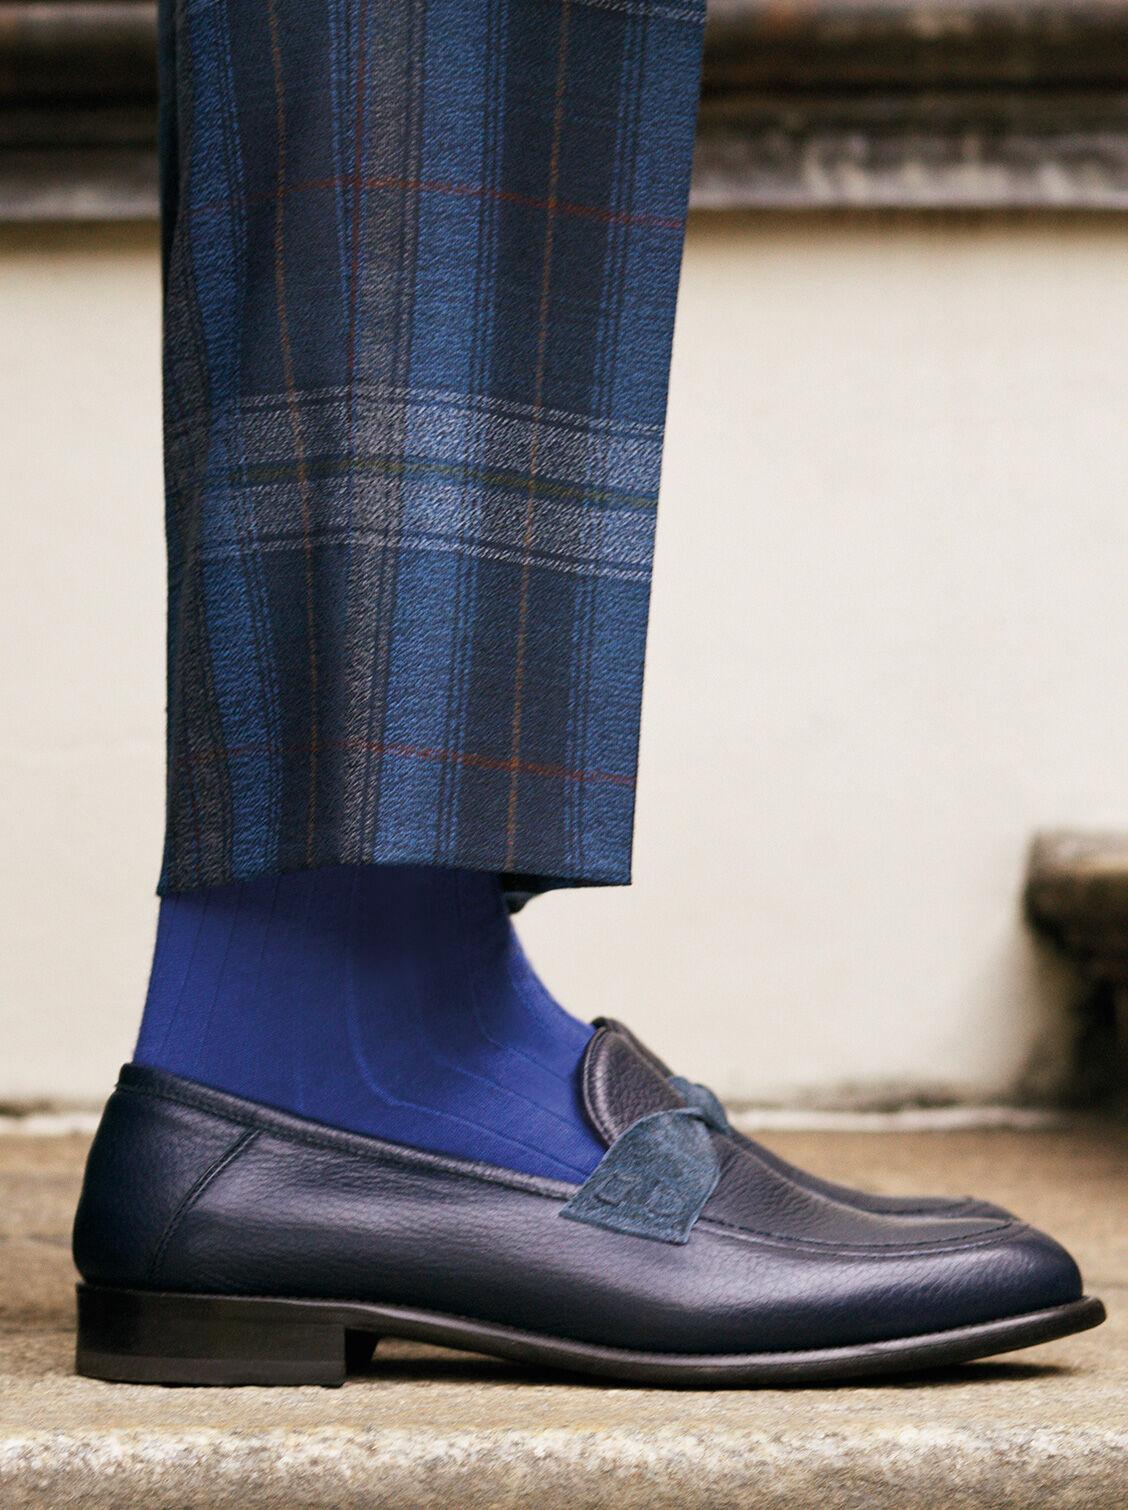 ETRO_Man Shoes Sale